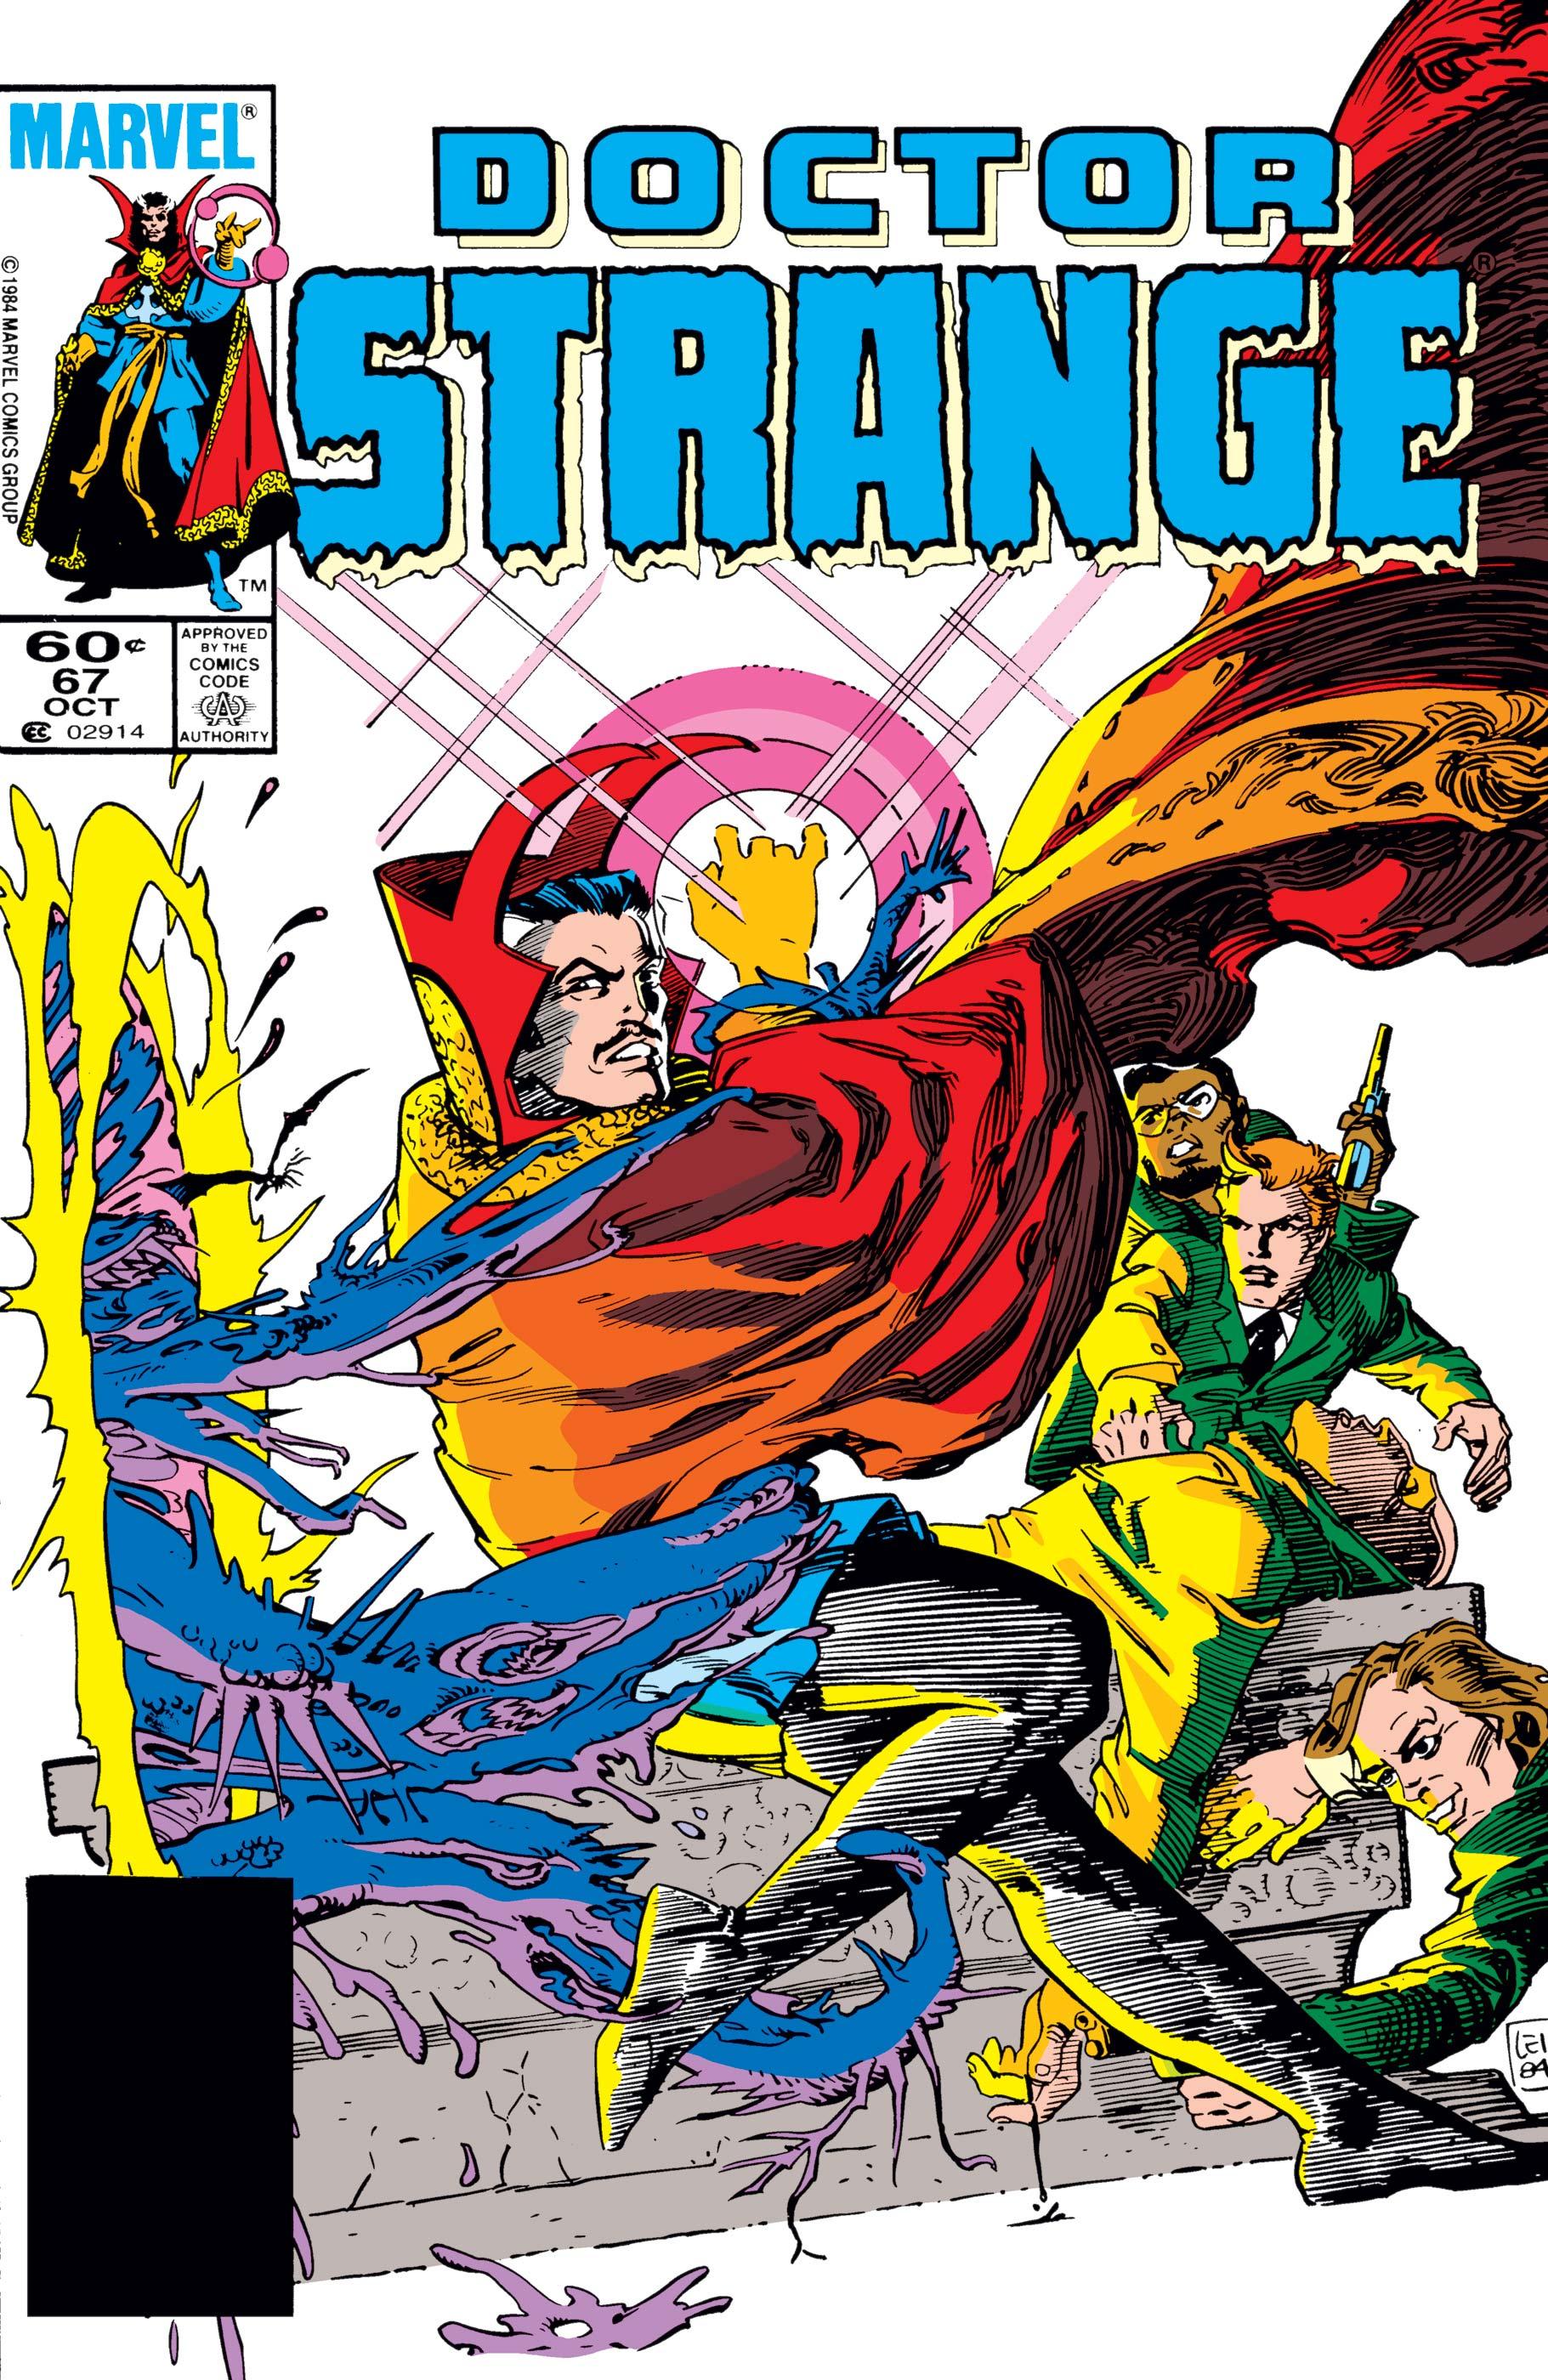 Doctor Strange (1974) #67